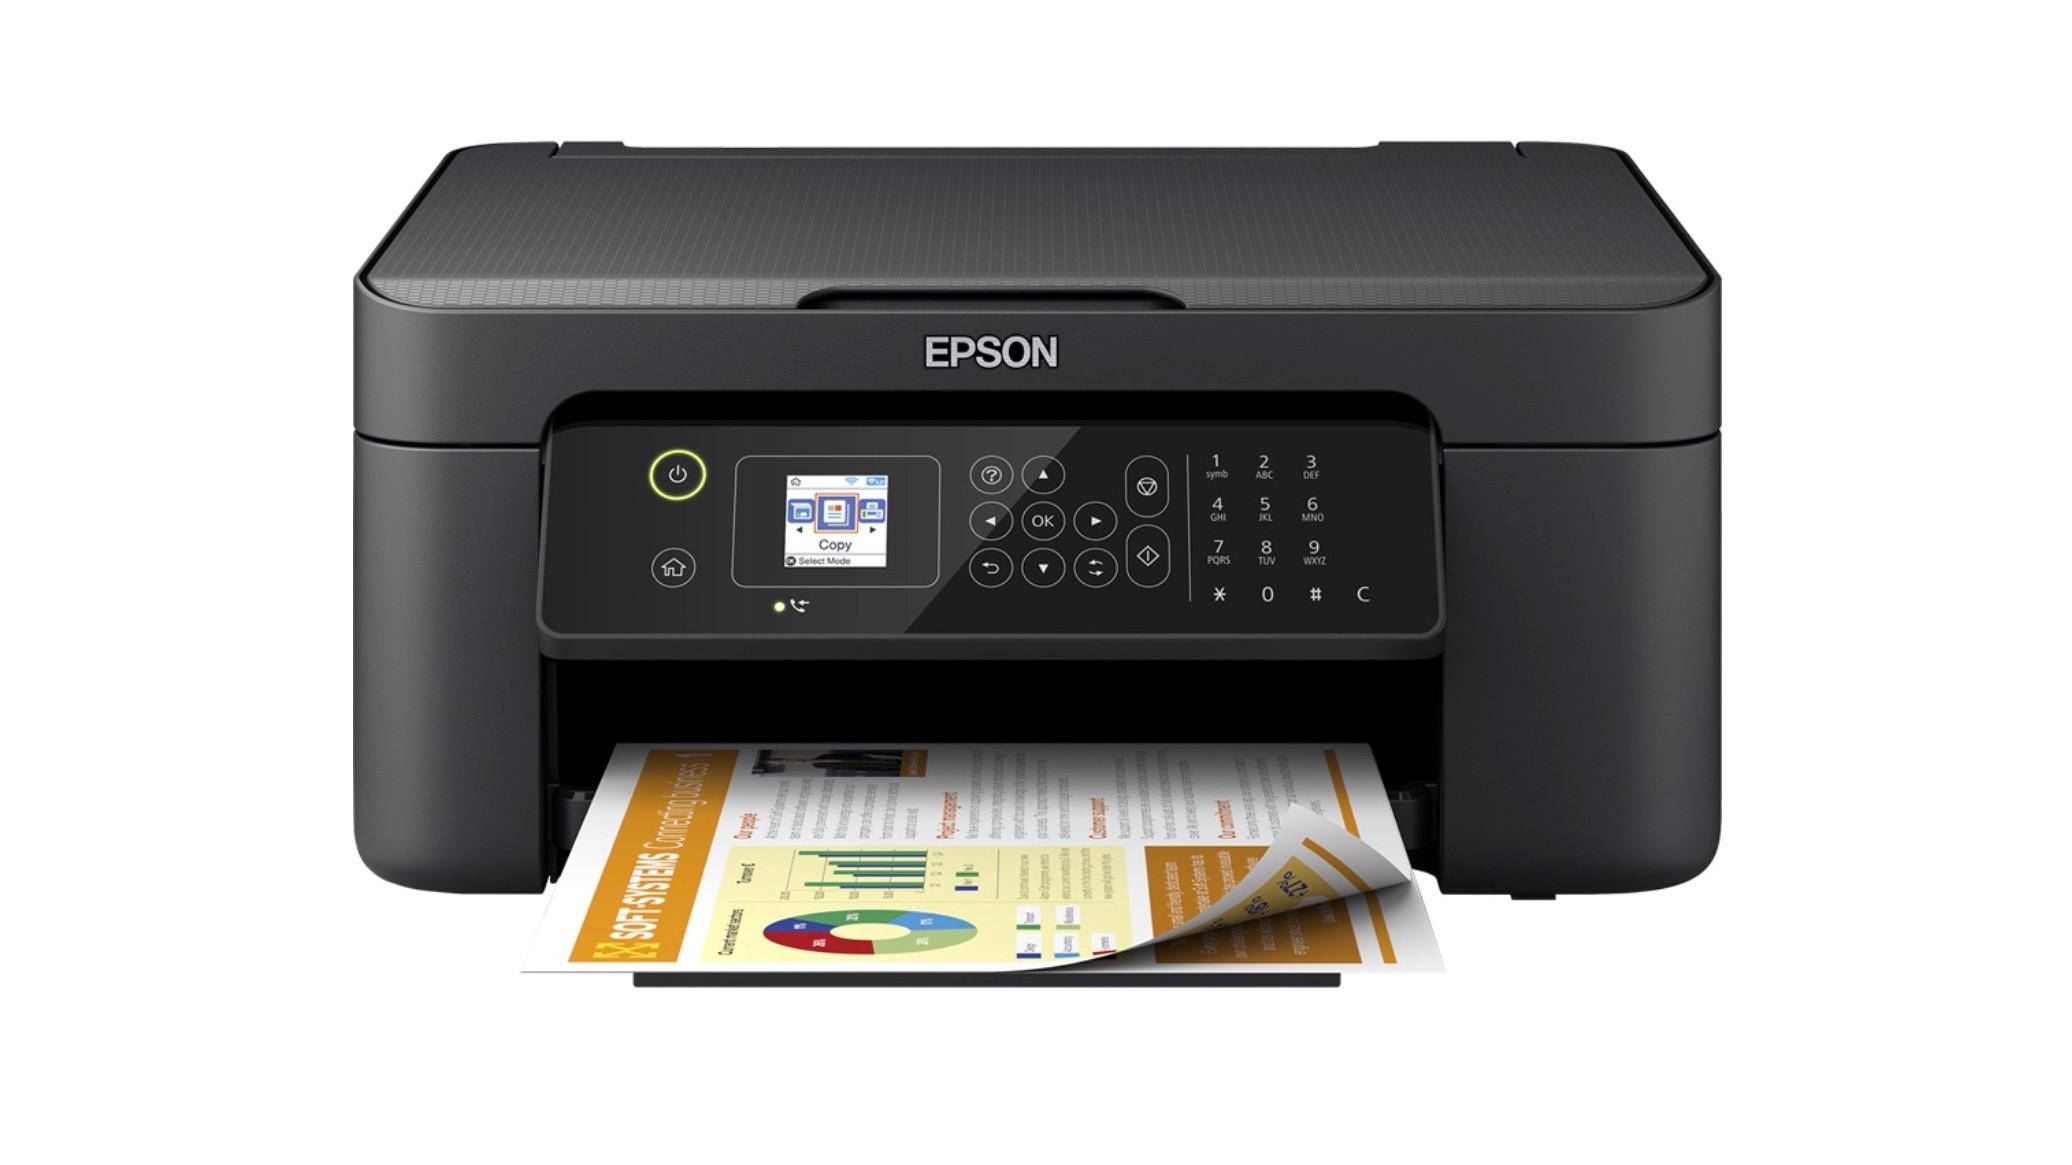 Epson WorkForce WF-2810DW